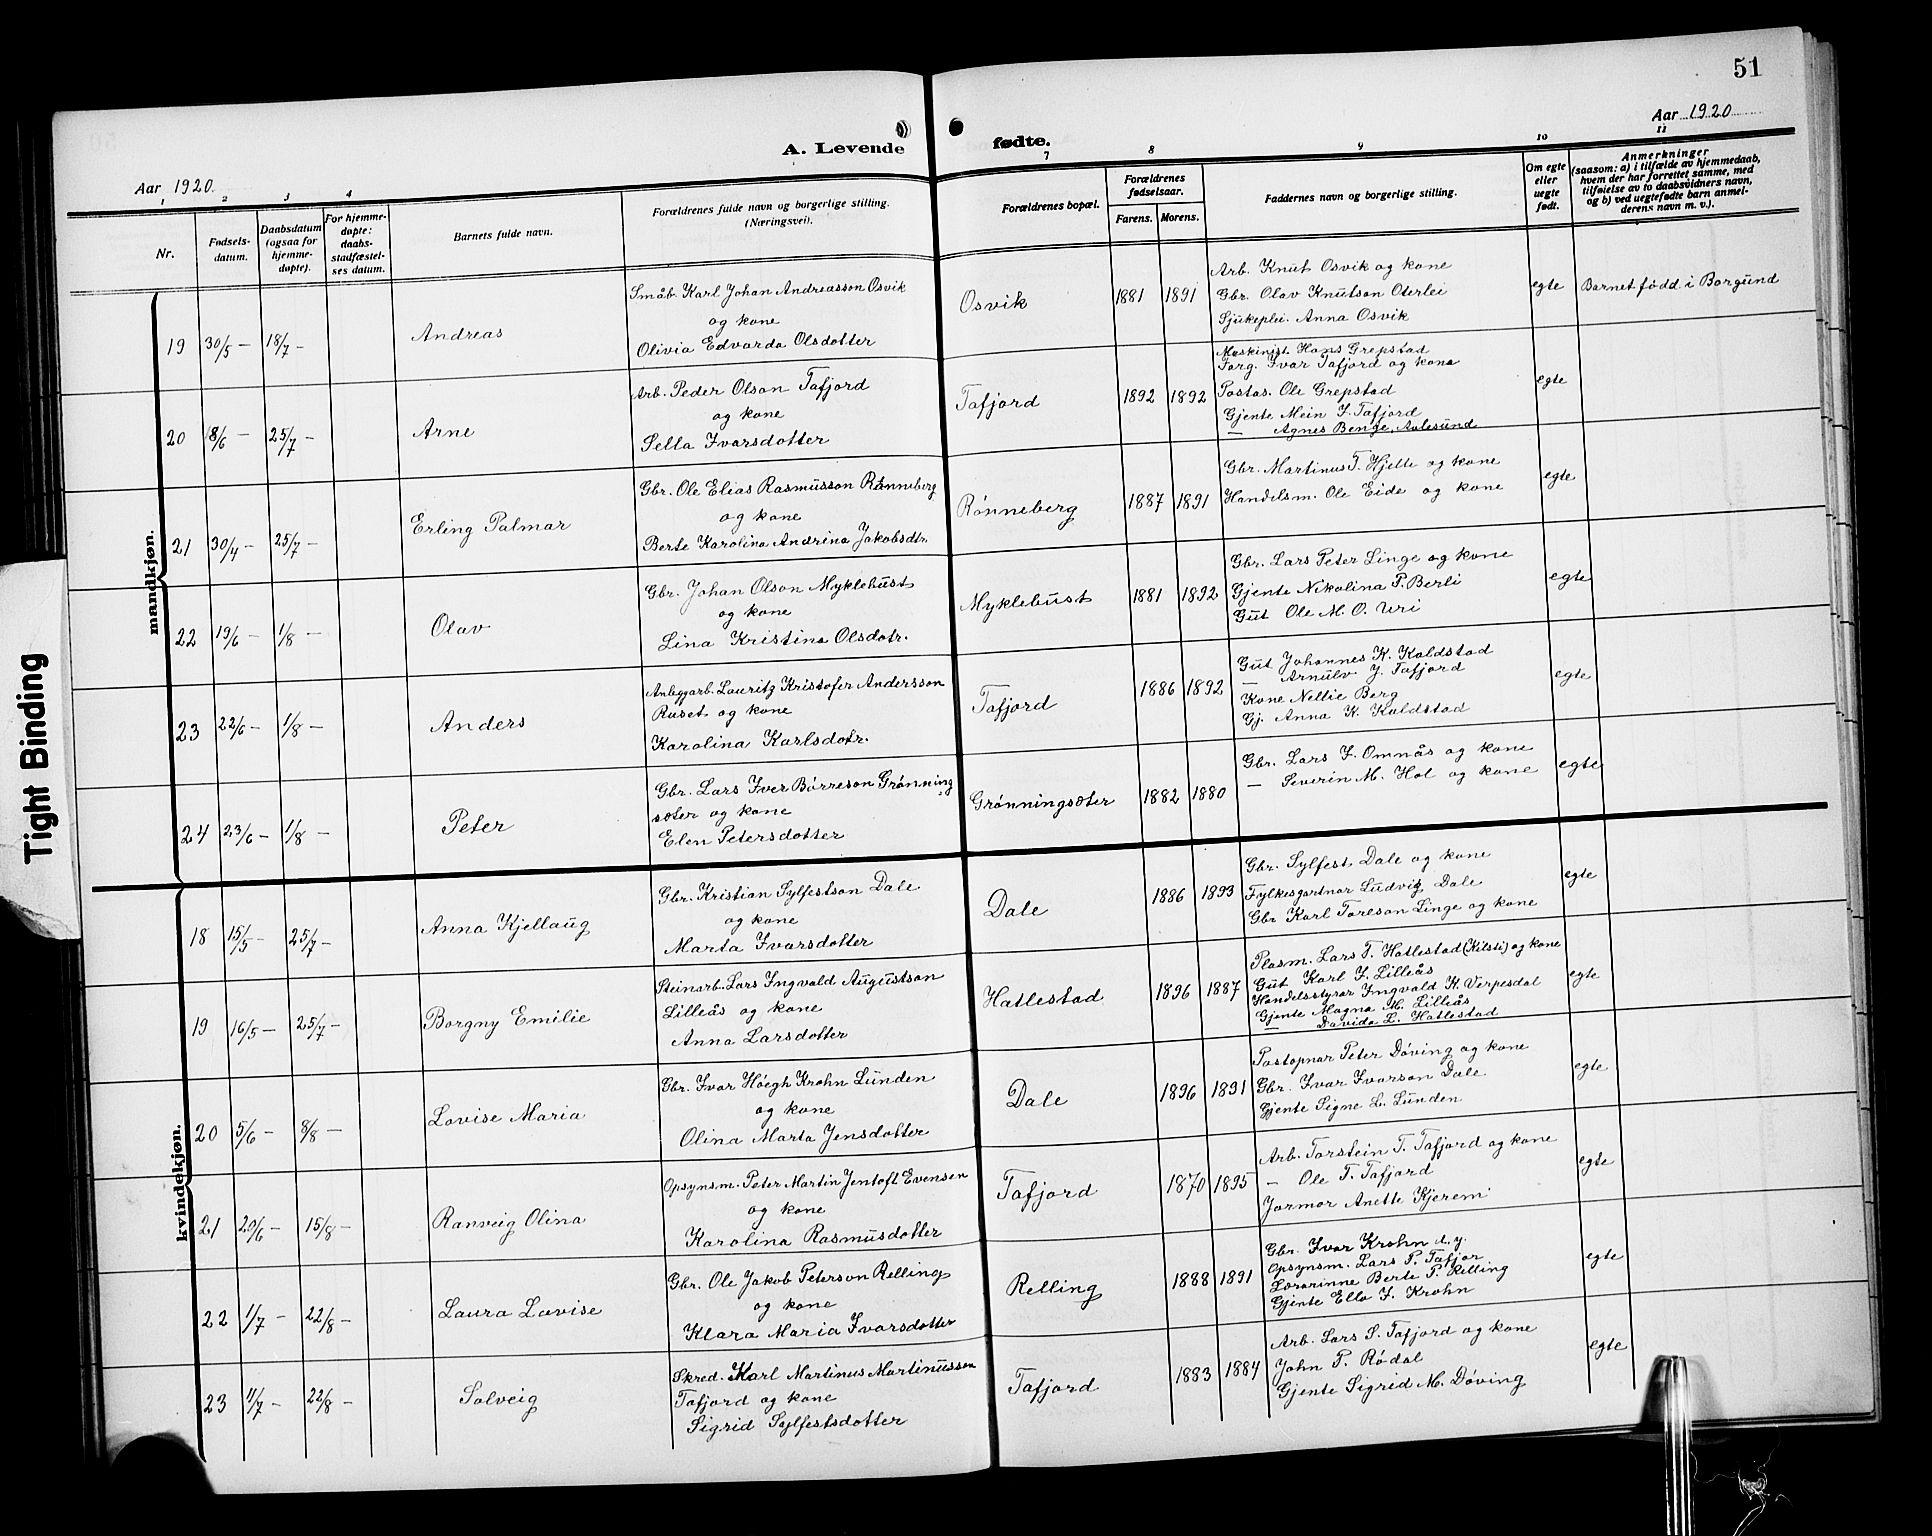 SAT, Ministerialprotokoller, klokkerbøker og fødselsregistre - Møre og Romsdal, 519/L0265: Klokkerbok nr. 519C06, 1911-1921, s. 51